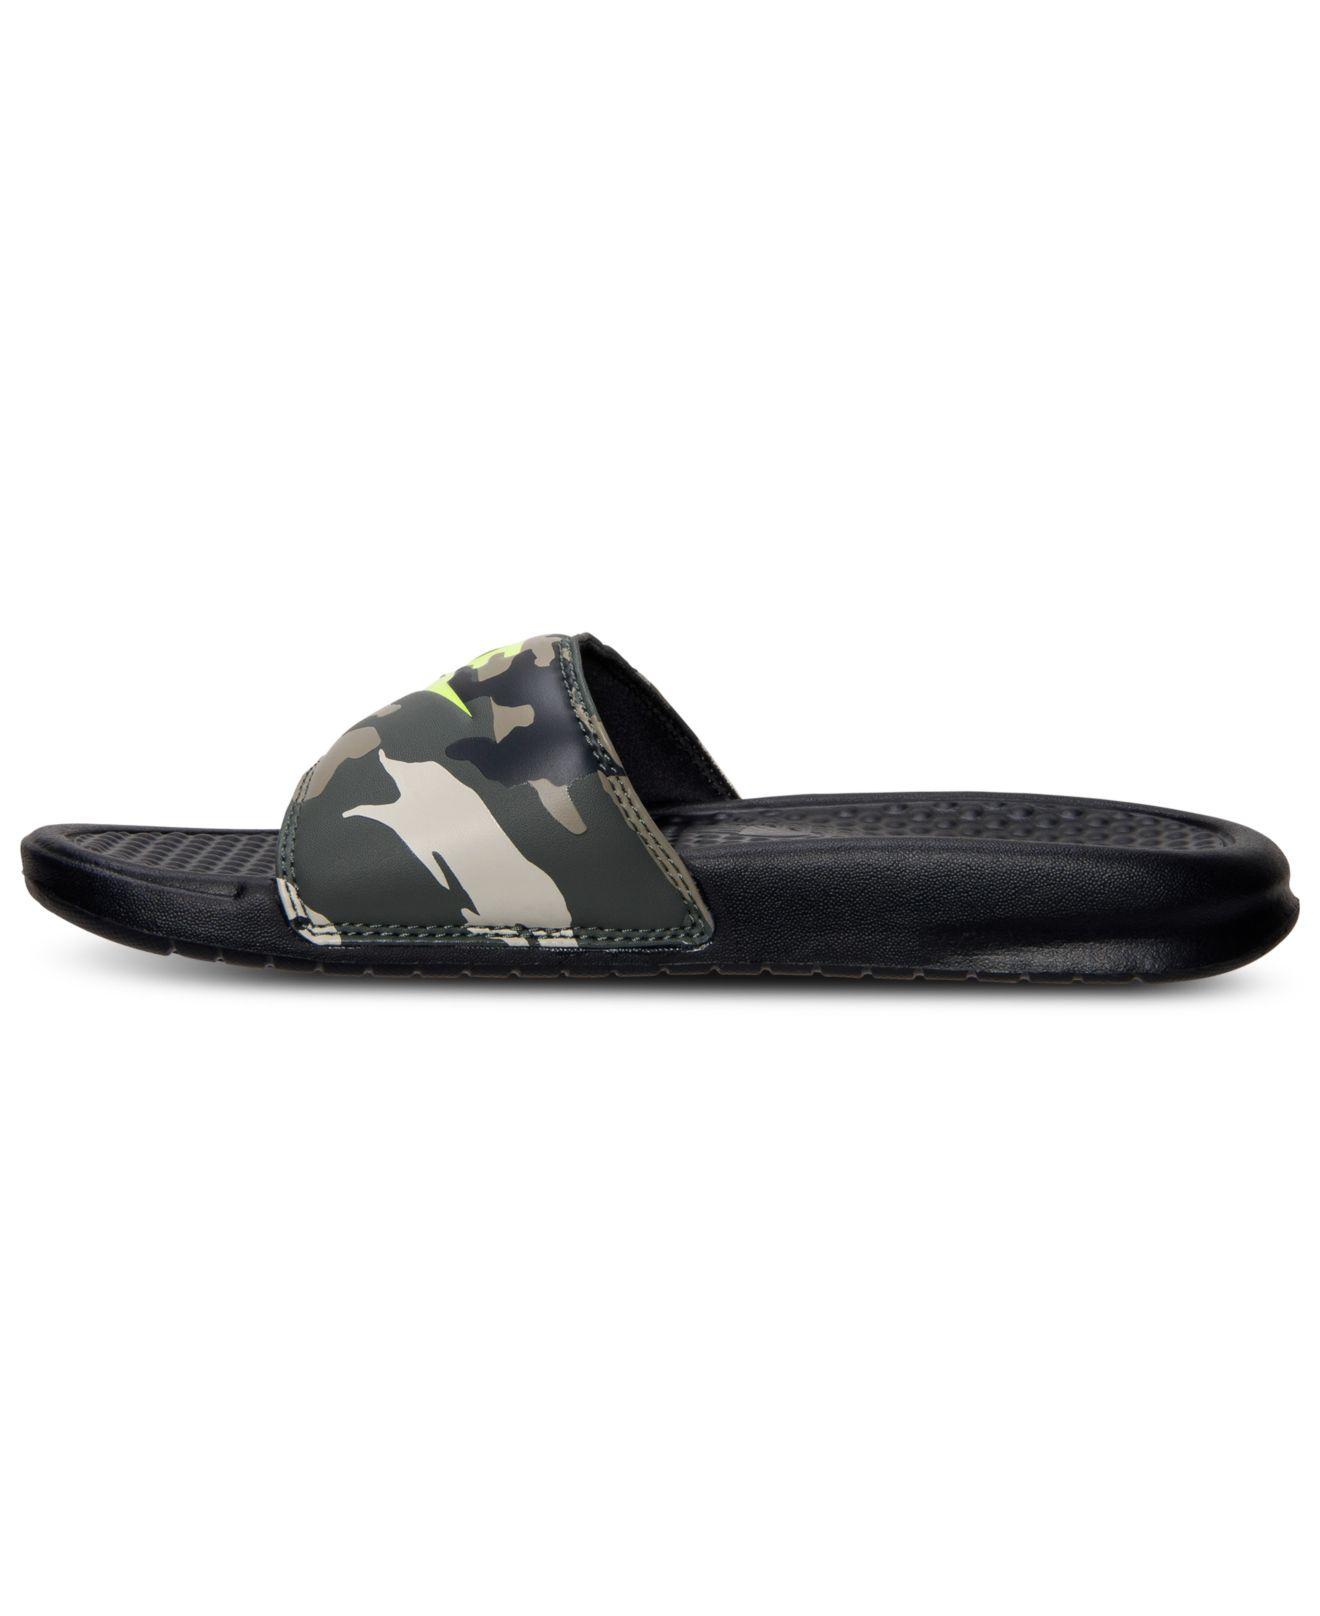 best loved 87363 e6e2d ... Lyst - Nike Men S Benassi Jdi Print Slide Sandals From Finish Line in  Brown for ...